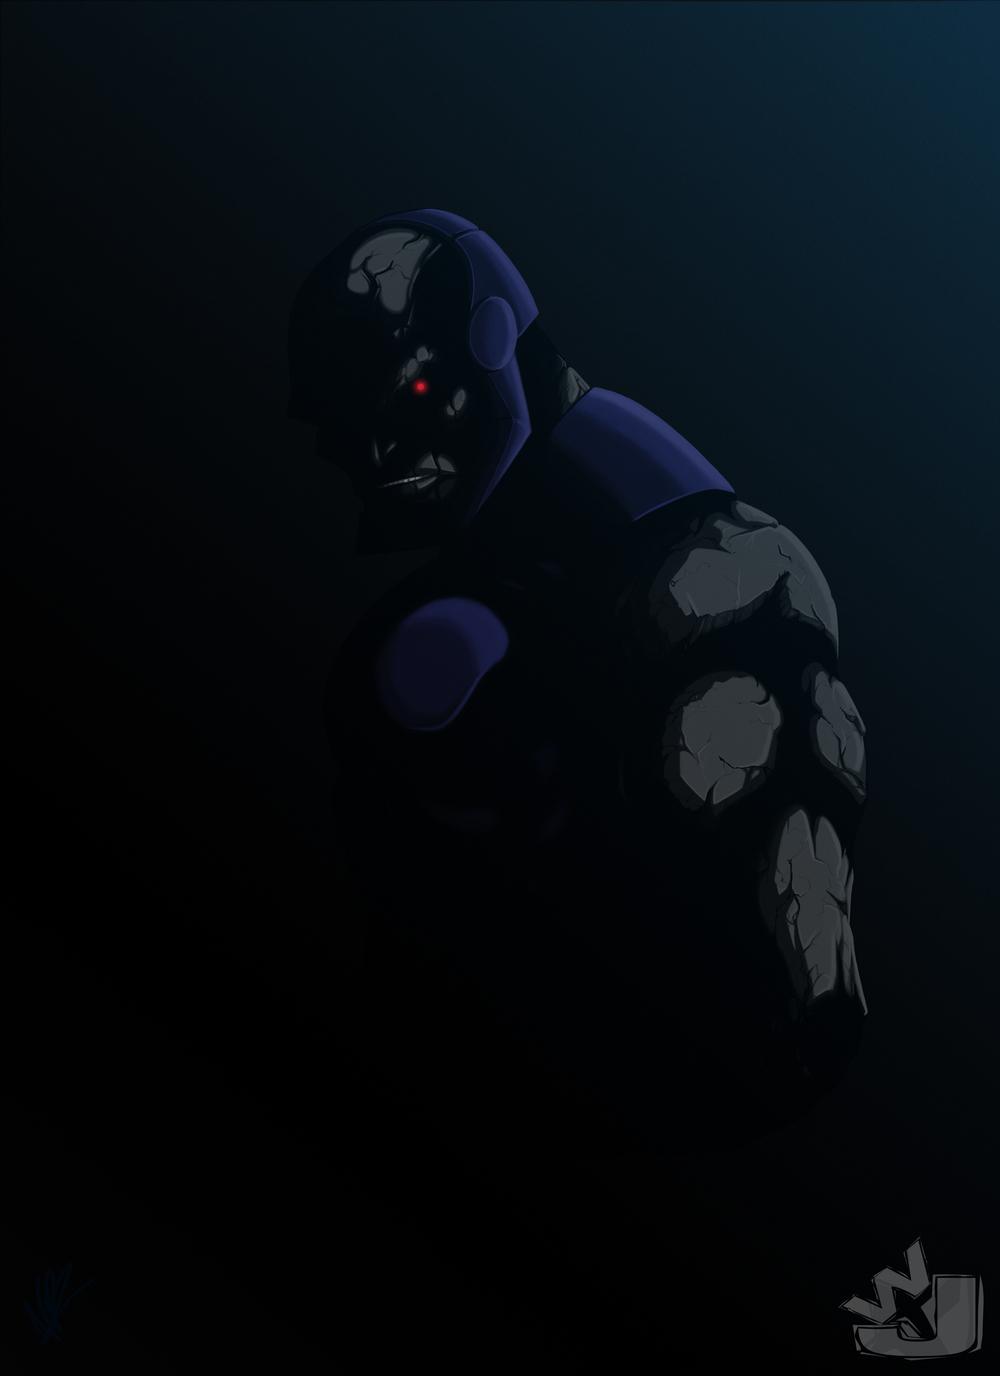 darkseid.jpg